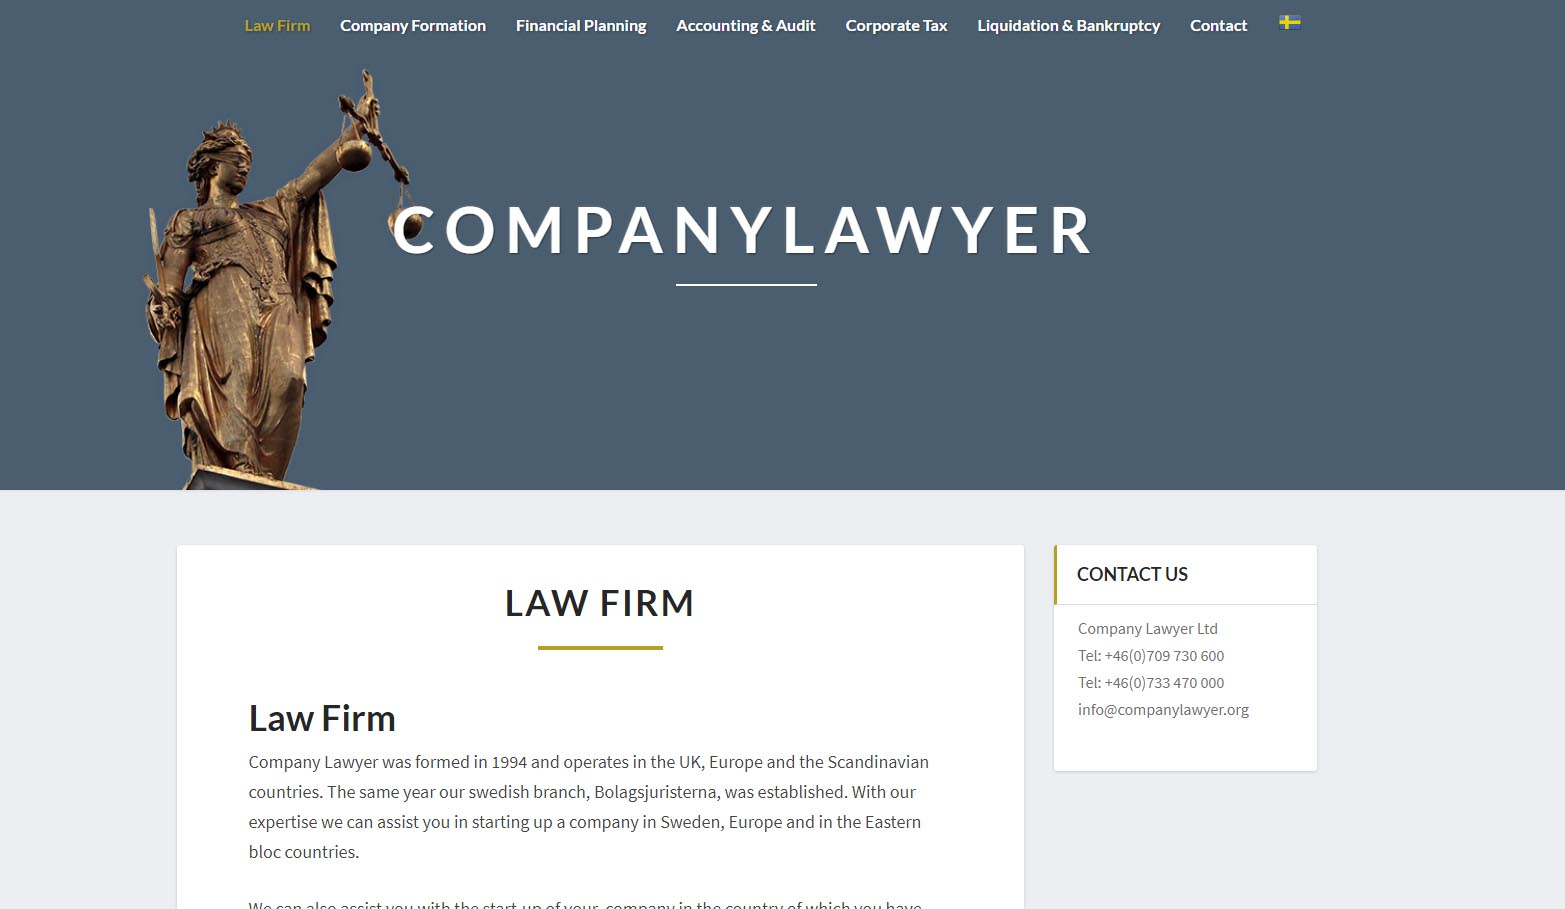 Snygg hemsida exempel och inspiration Companylawyer Snygga hemsidor 2017 Hjälp med hemsidan webbdesign